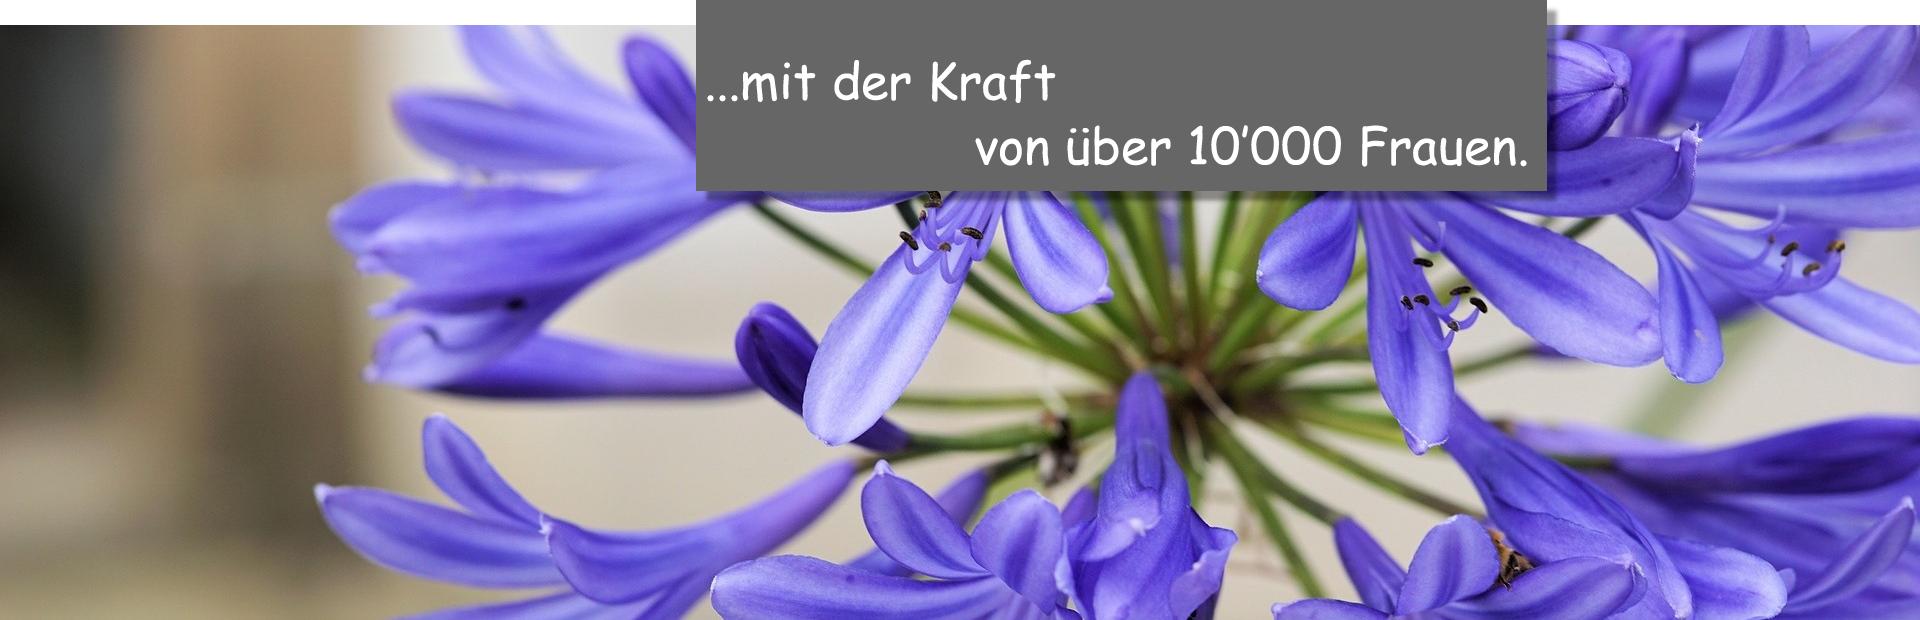 Agapanthus_Kraft